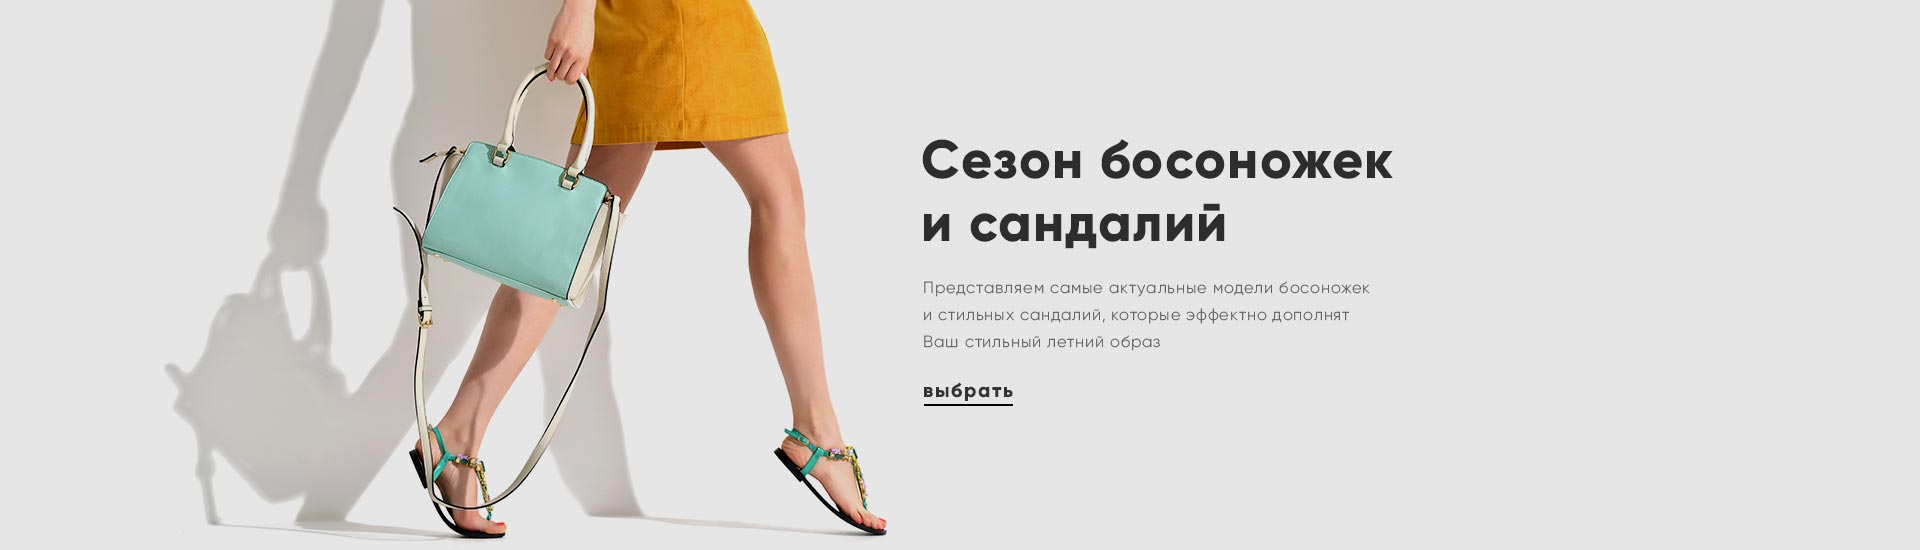 Босоножки и сандалии - тренды